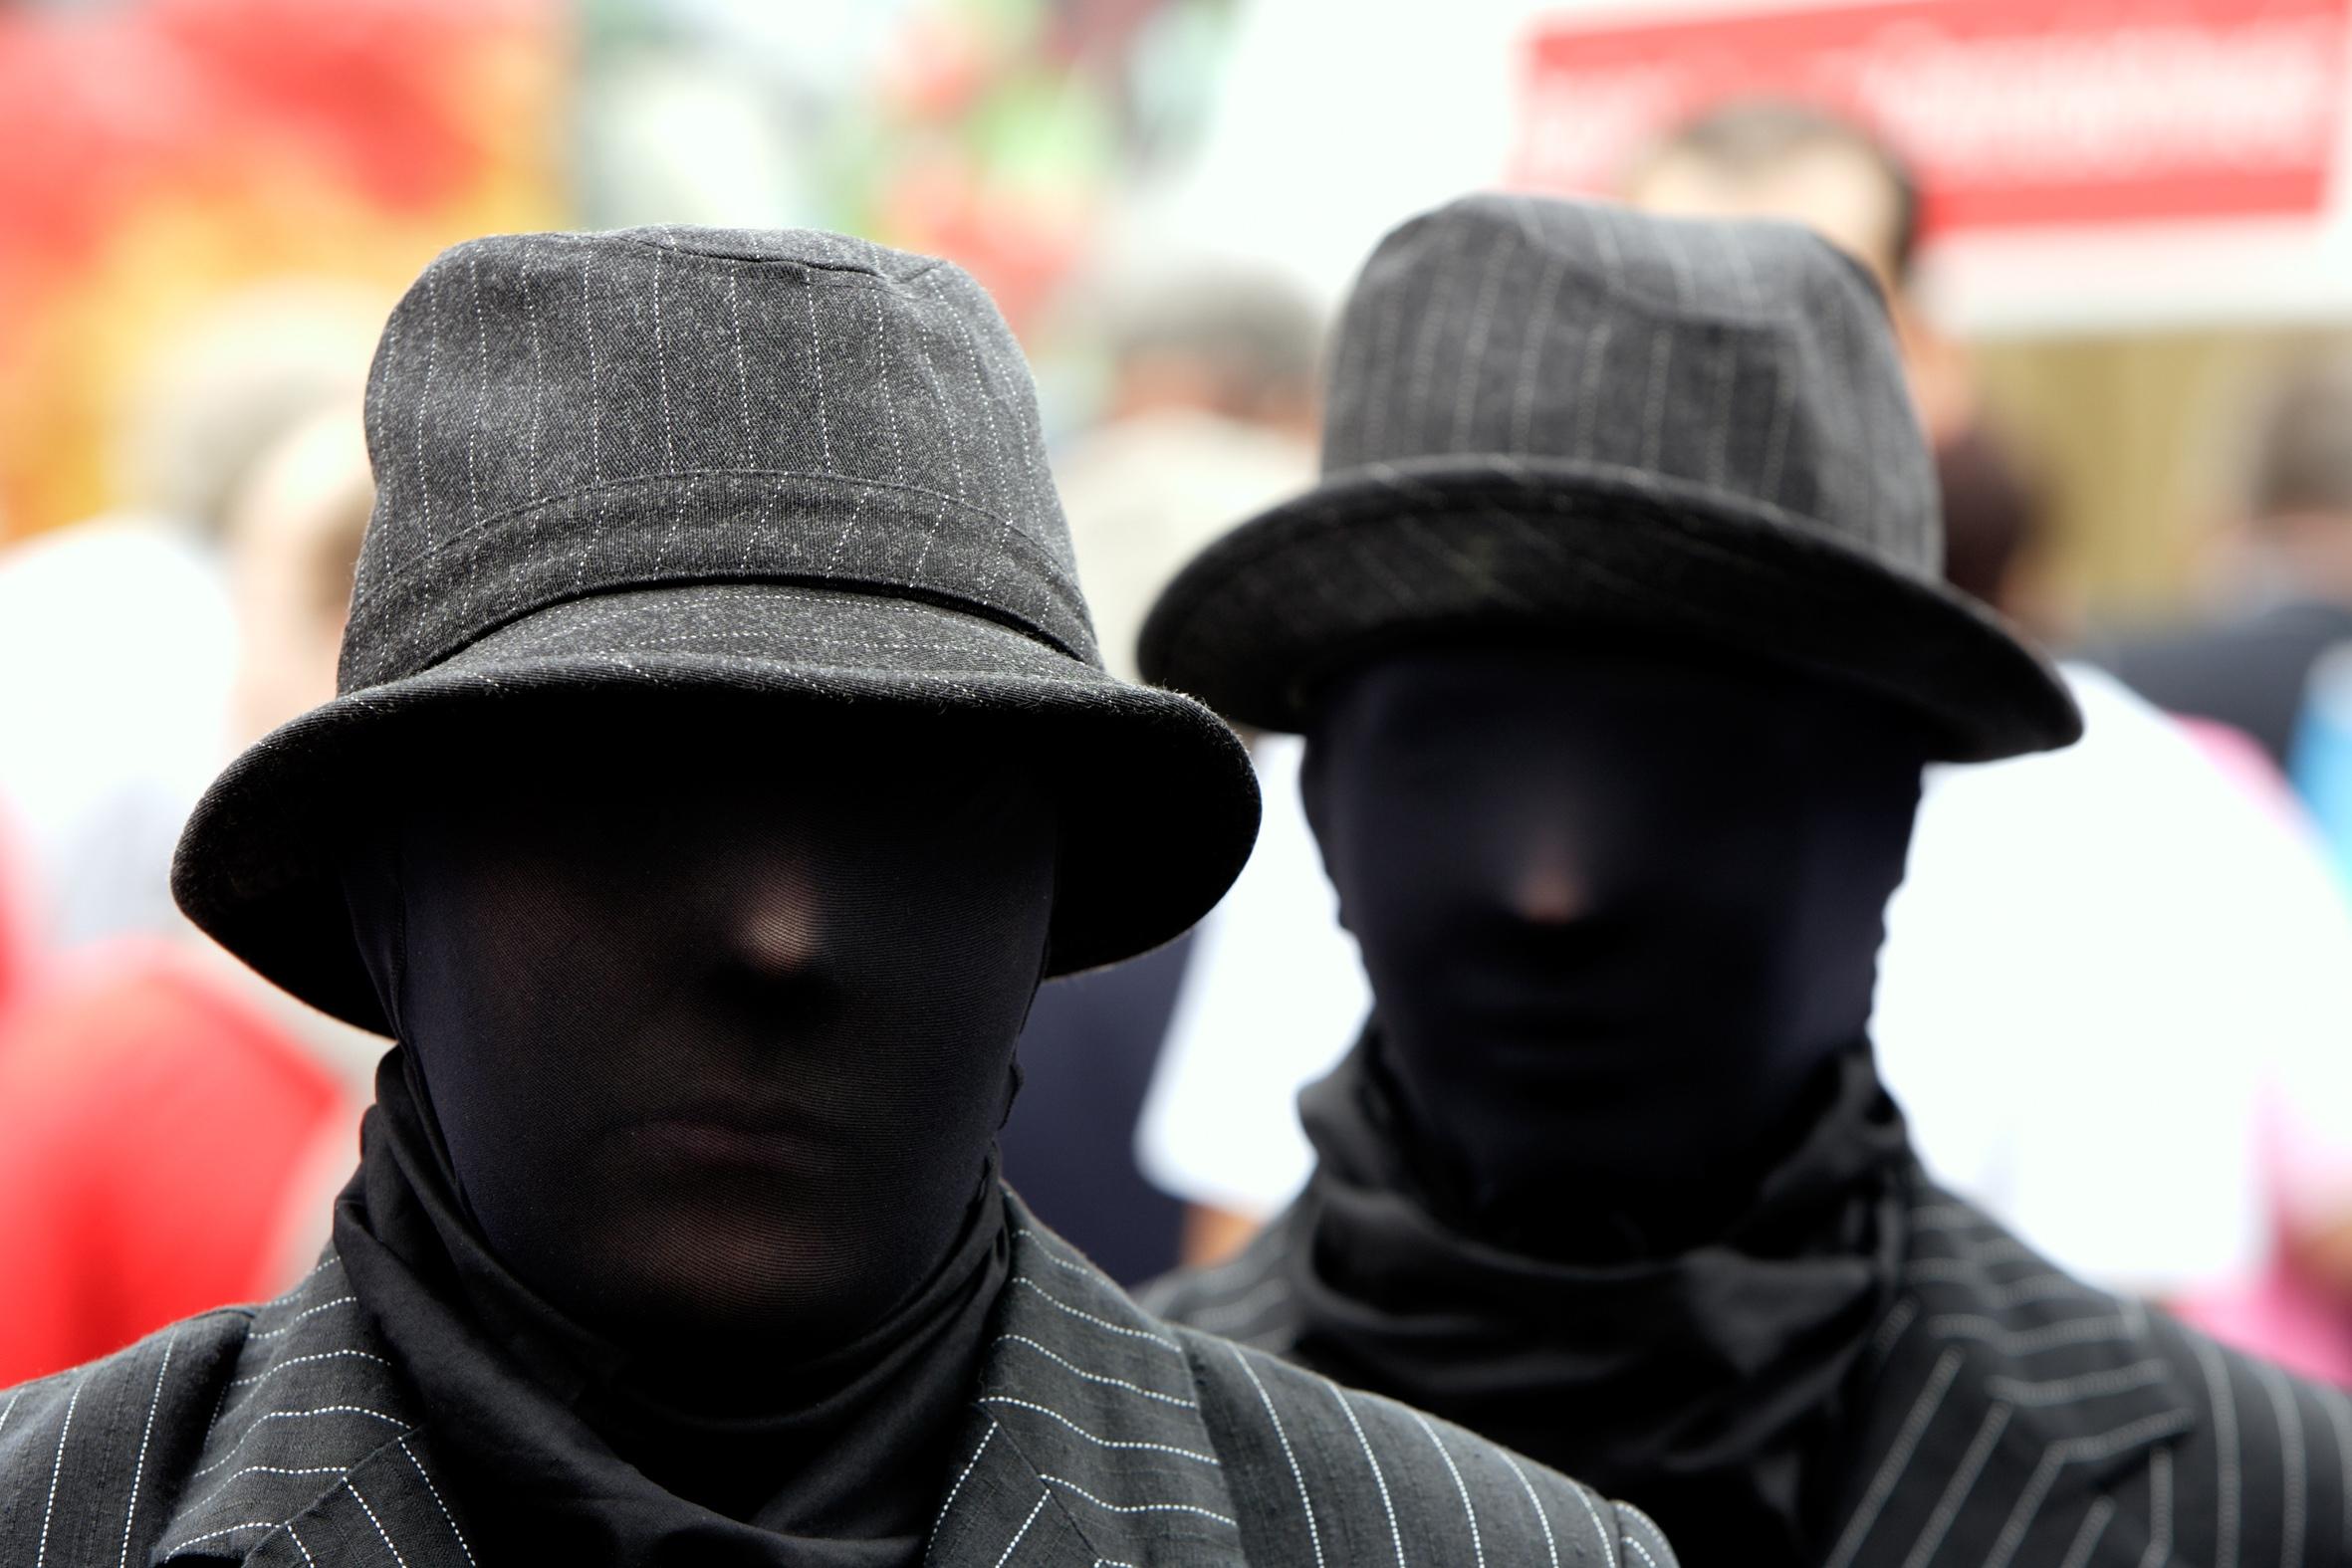 В Харькове парочку застали за интересным занятием в общественном месте (фото)